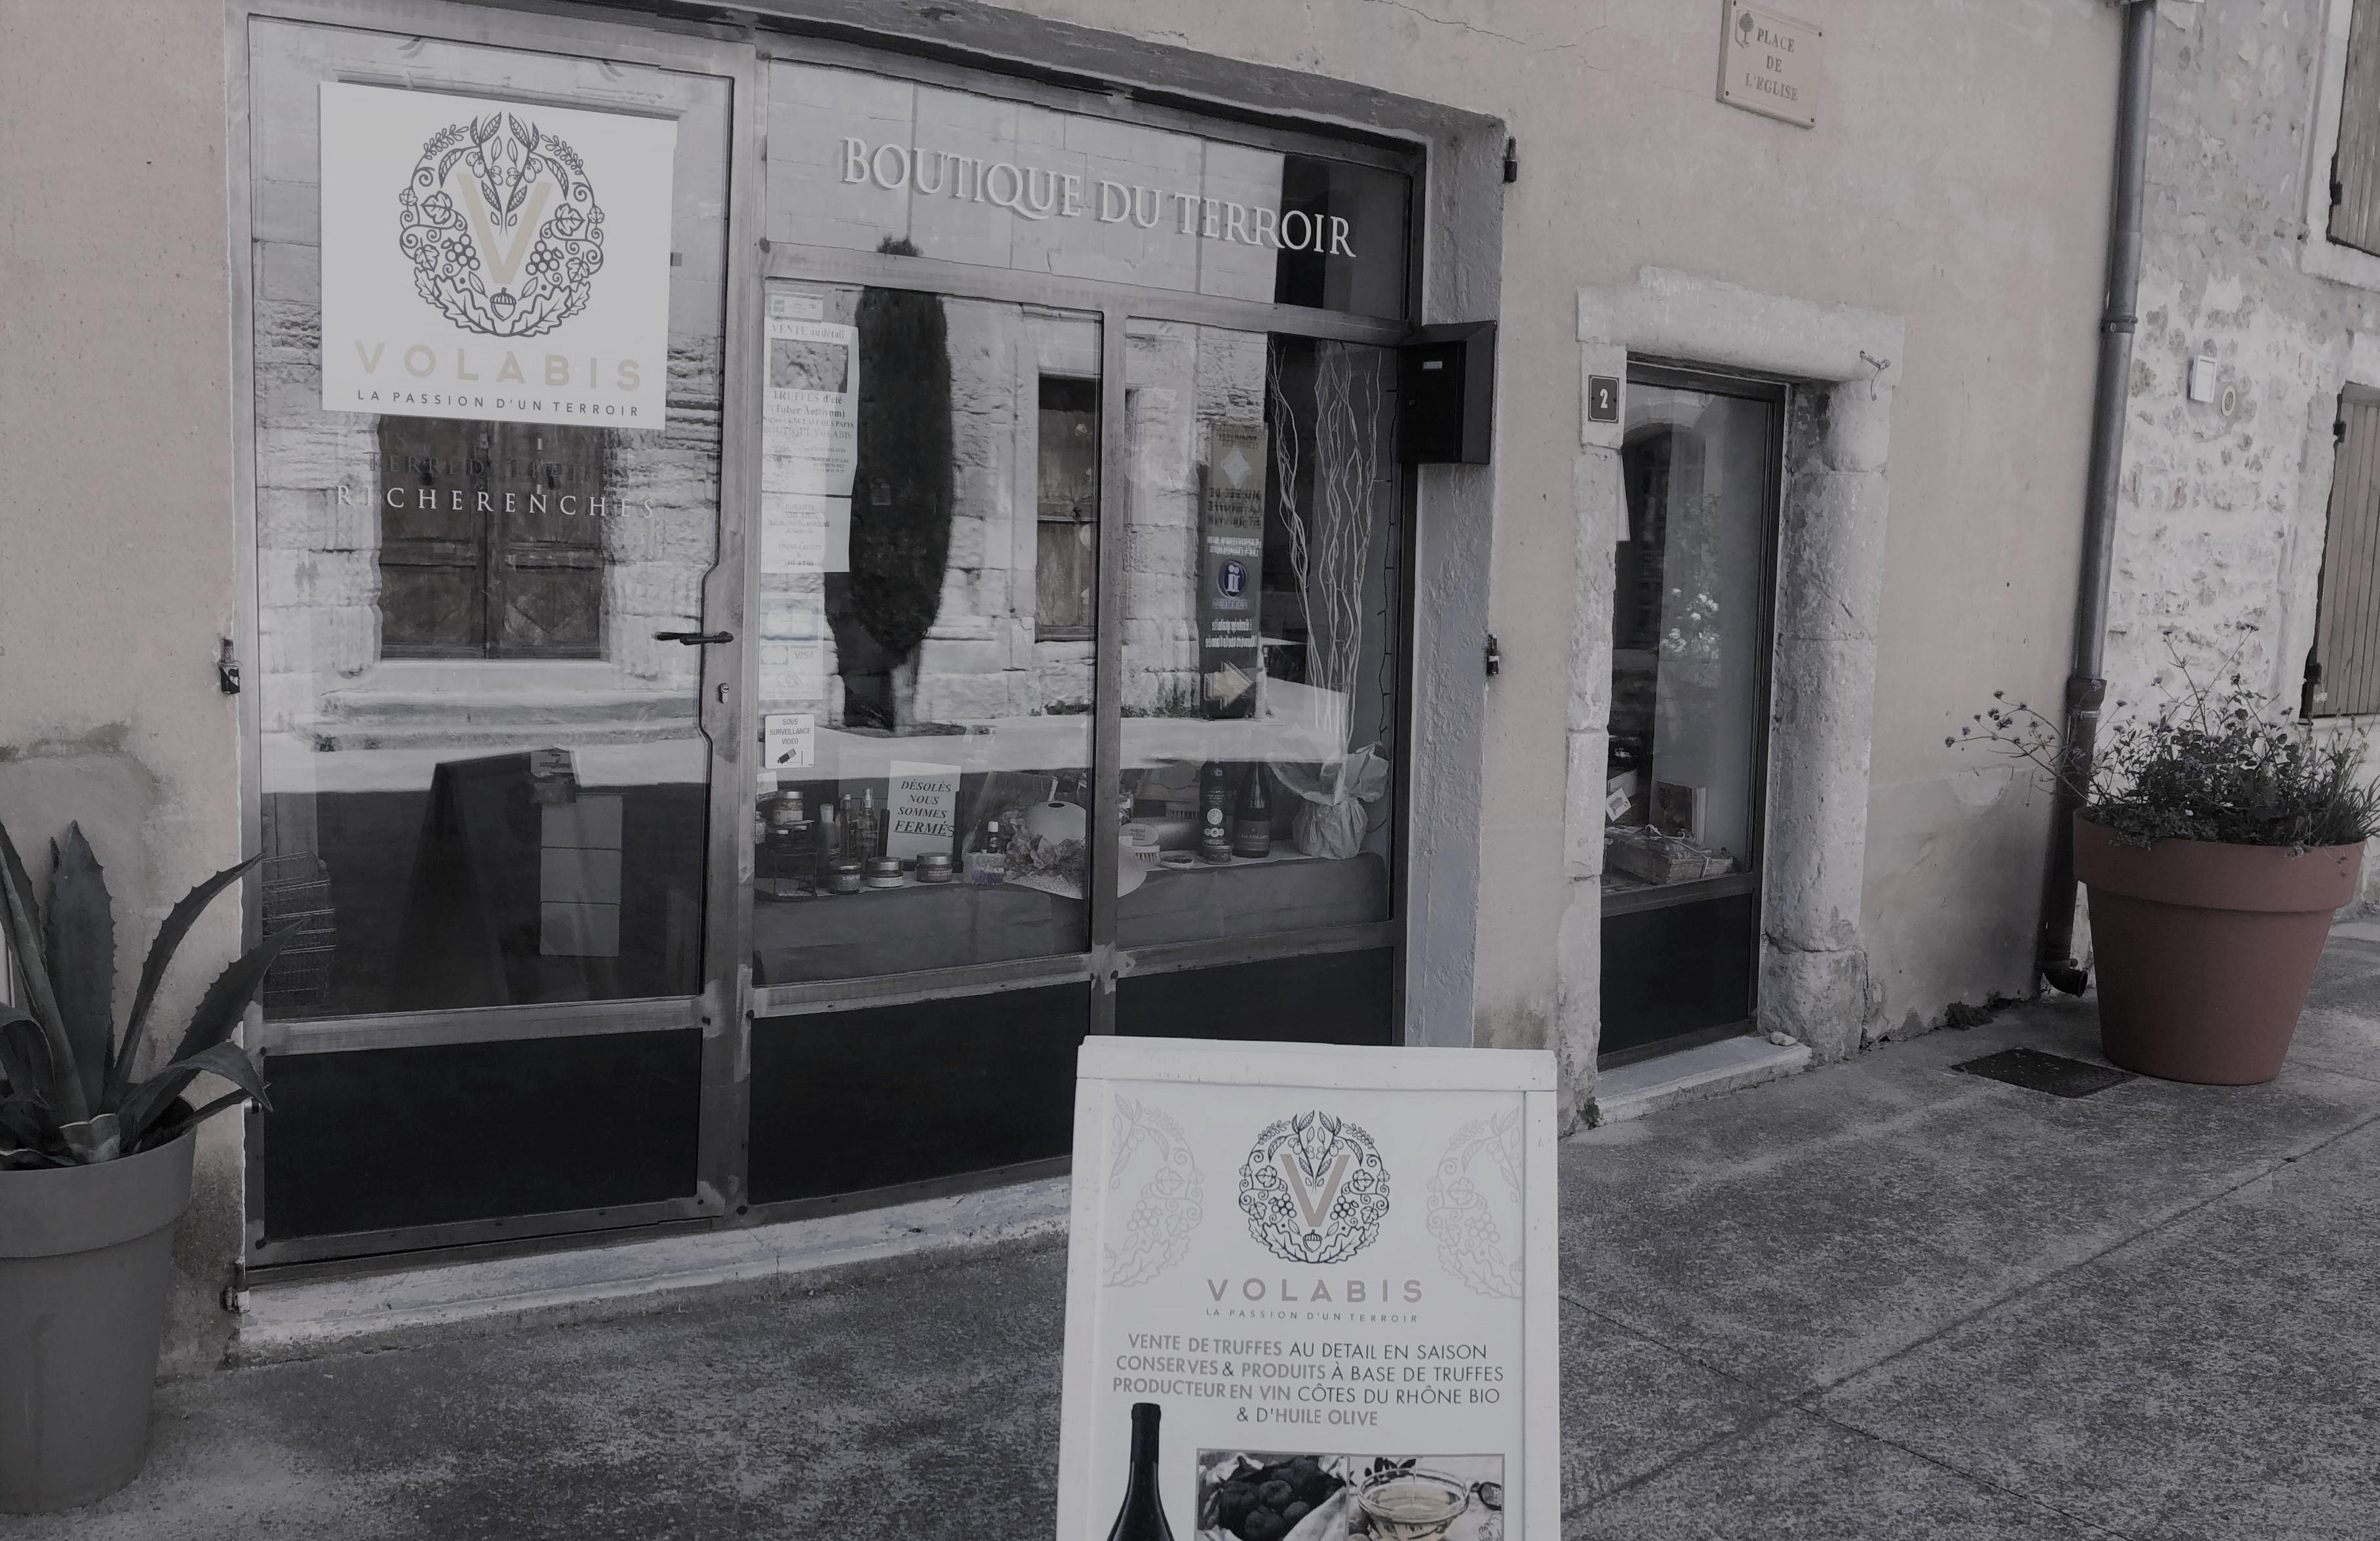 Boutique Volabis